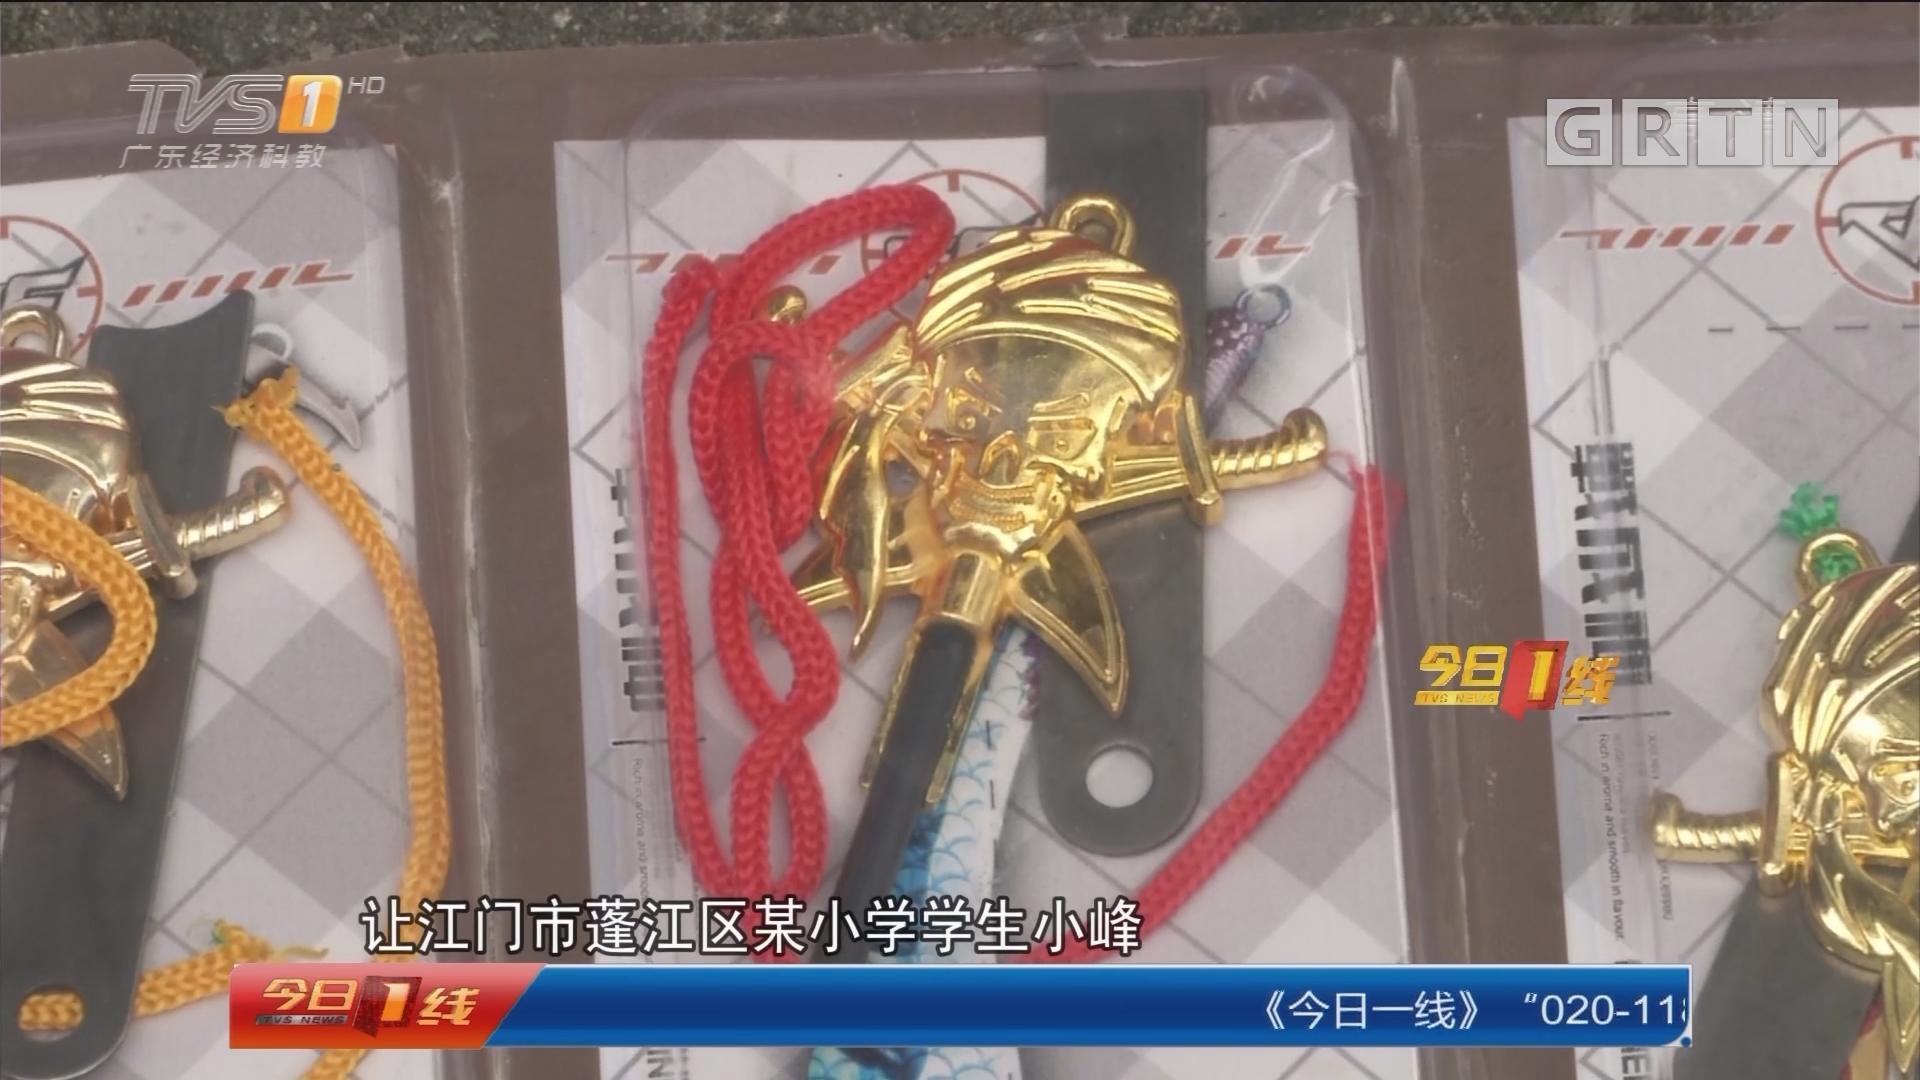 江门市蓬江区:商铺销售危险玩具 学生酿祸烧课桌